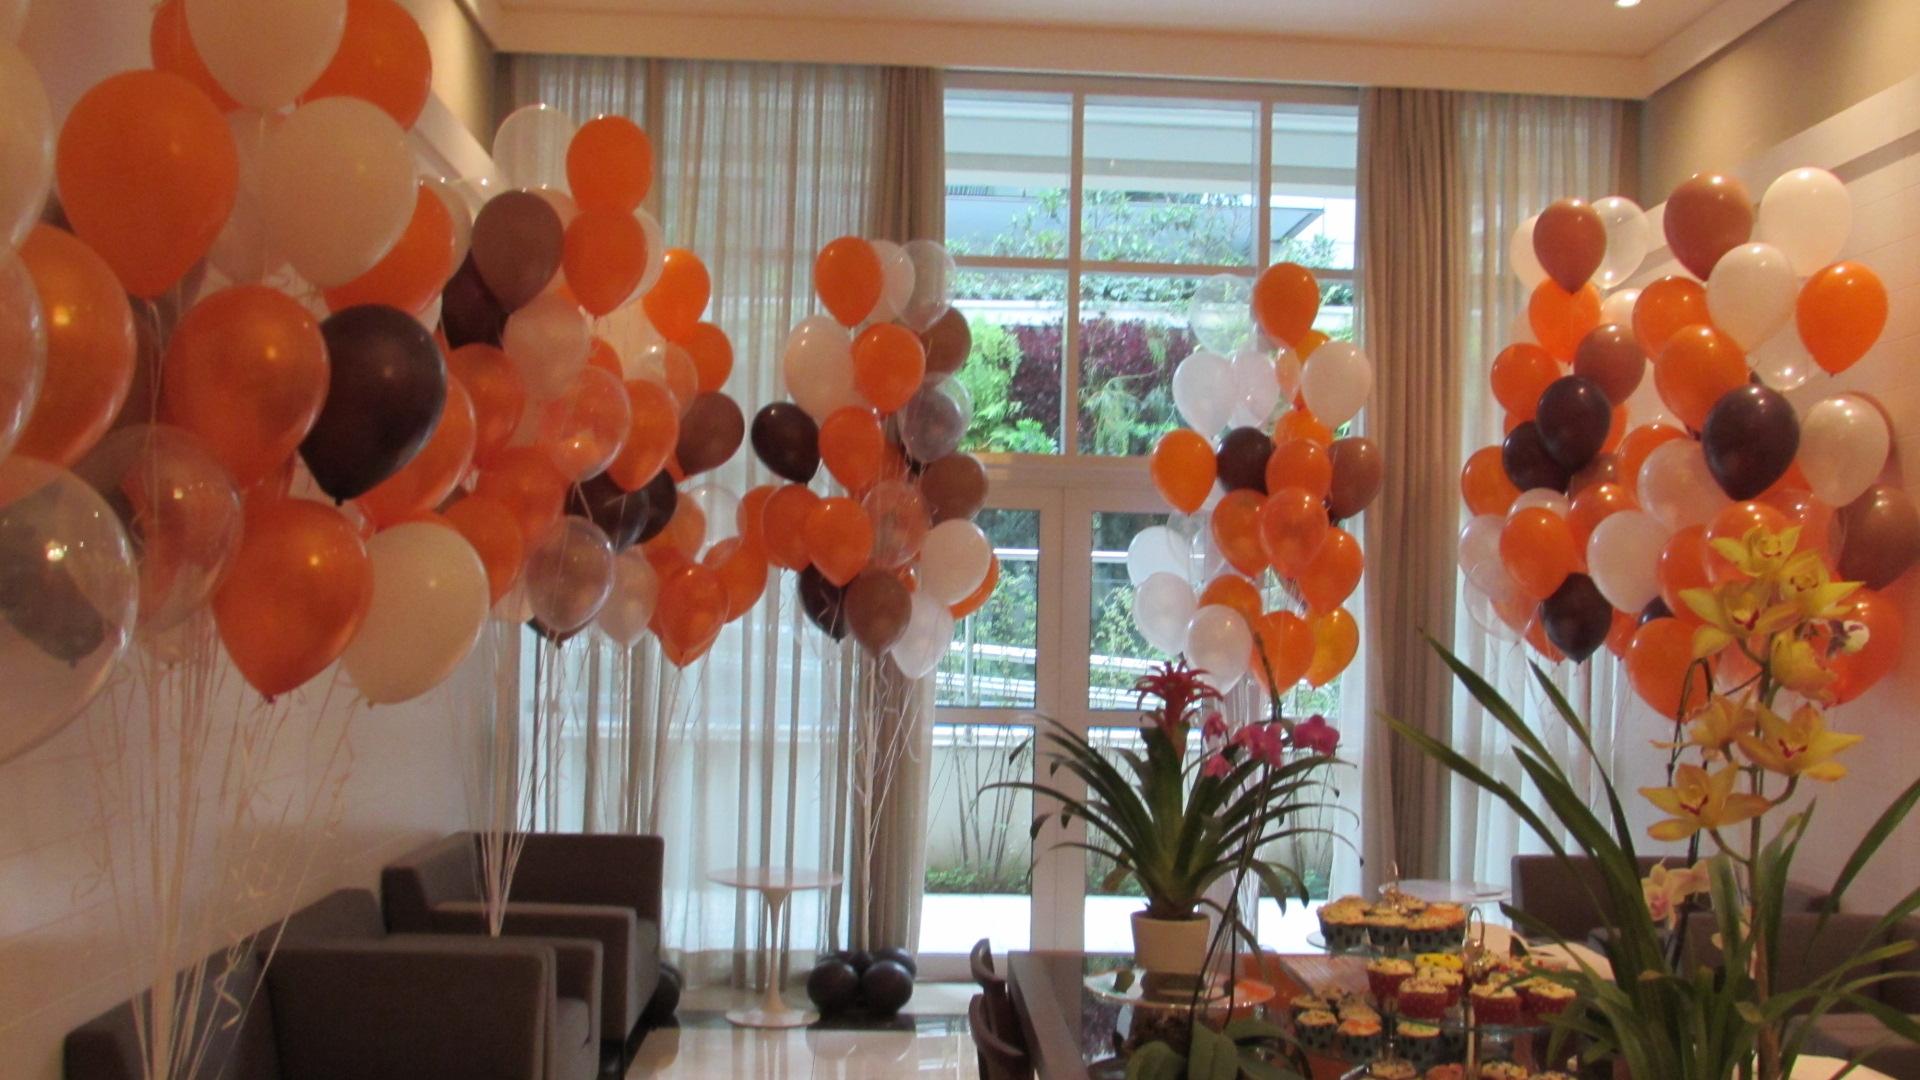 Festa Adulto u2013 Bem vindo ao blog da Bal u00e3o Cultura -> Decoração Com Balões Para Aniversário